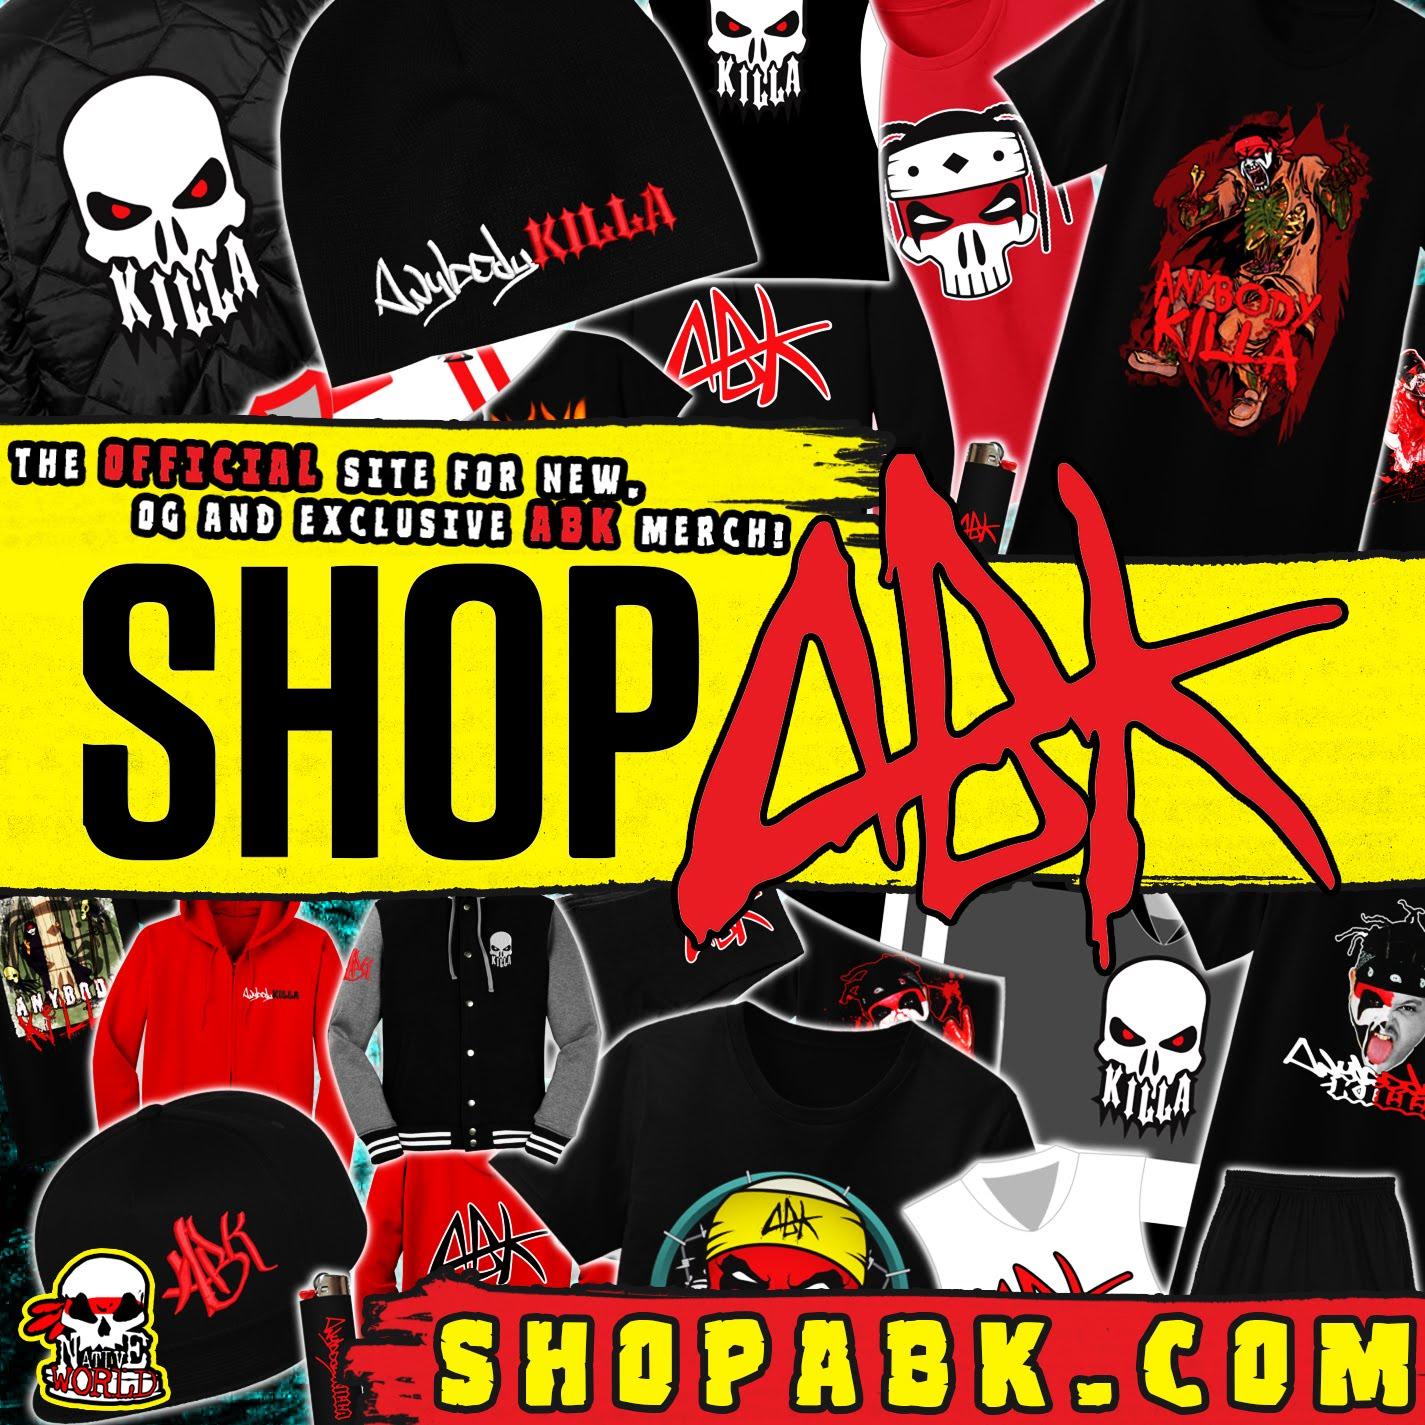 SHOPABK.COM